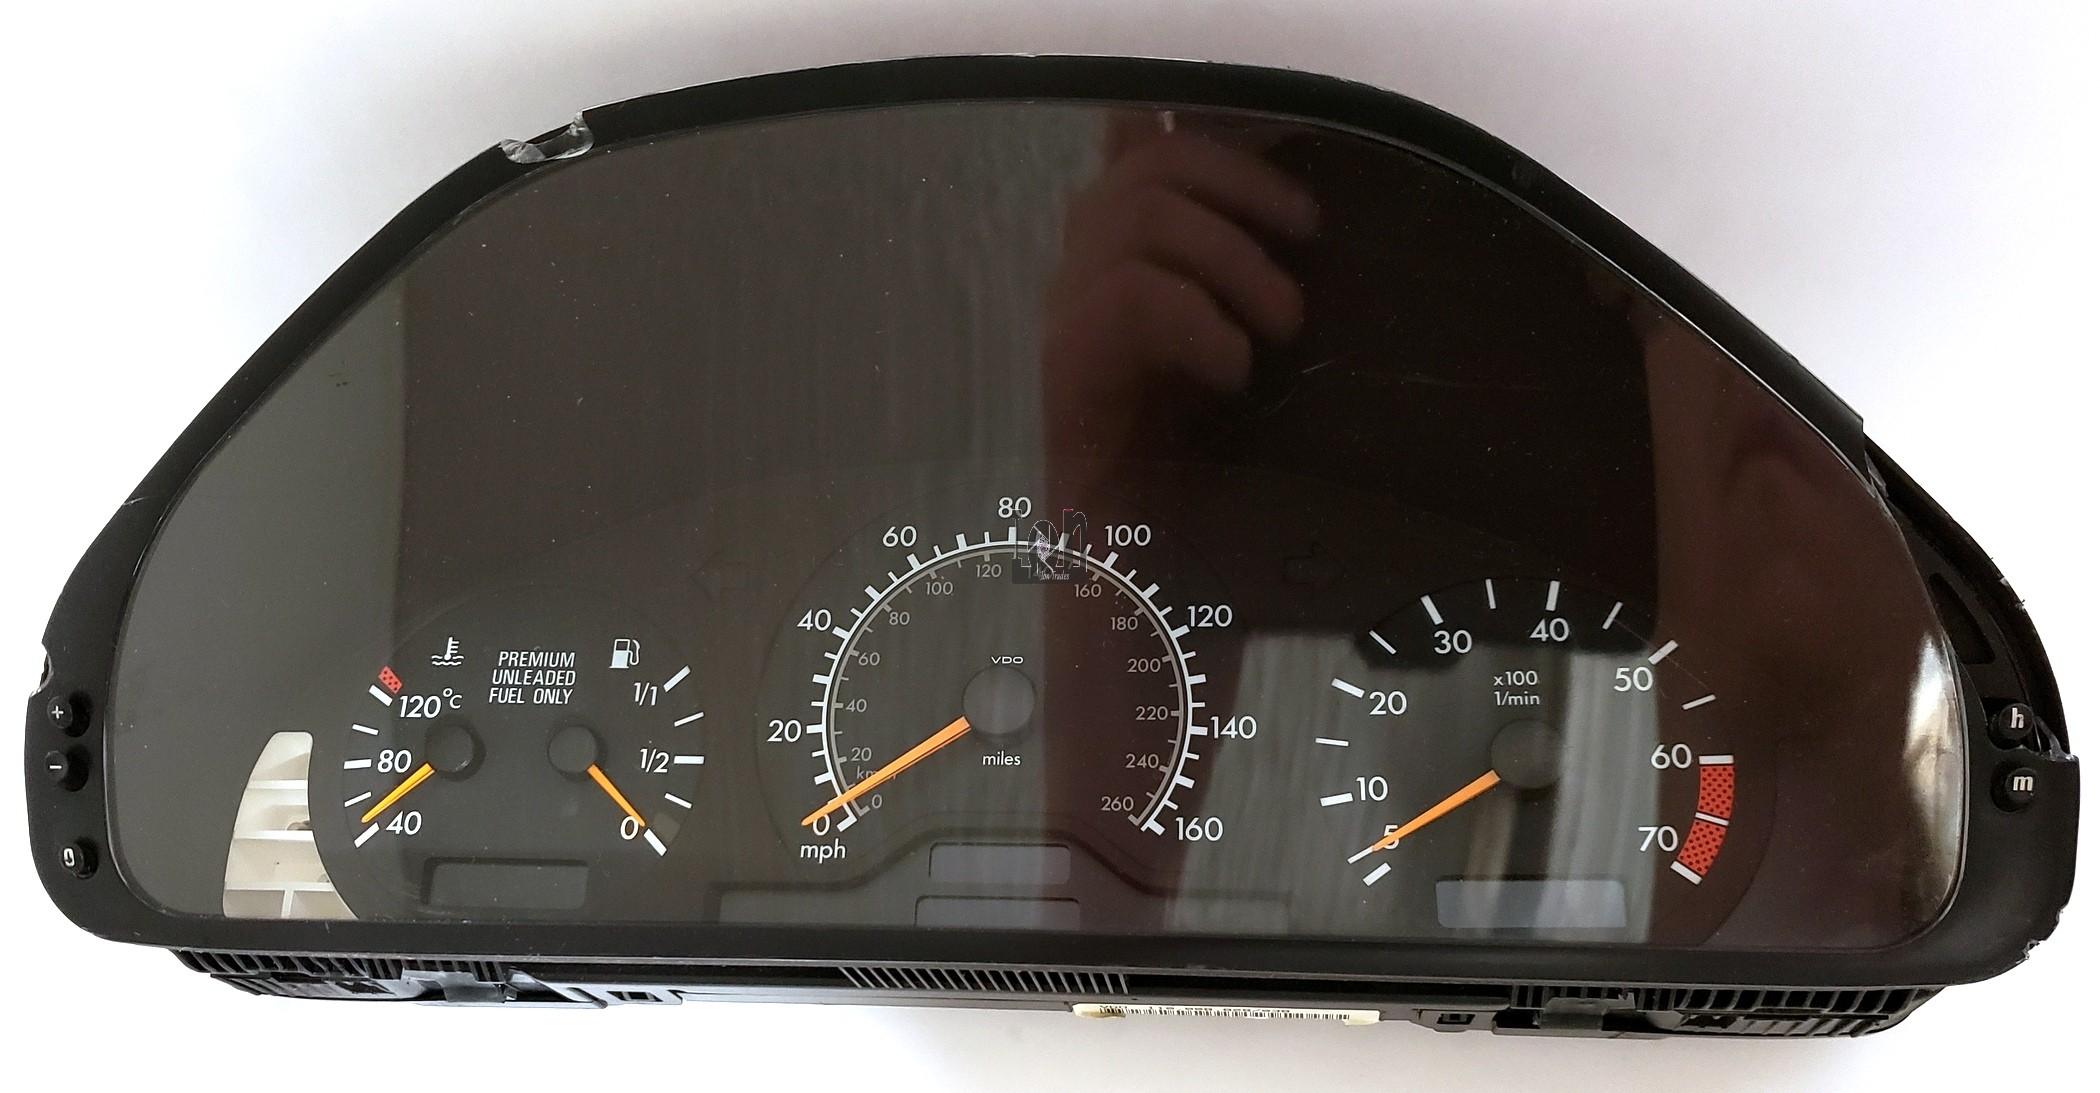 Instrument Cluster for Mercedes Benz C200 C180 OEM Parts 2025401748 MPH Kilo